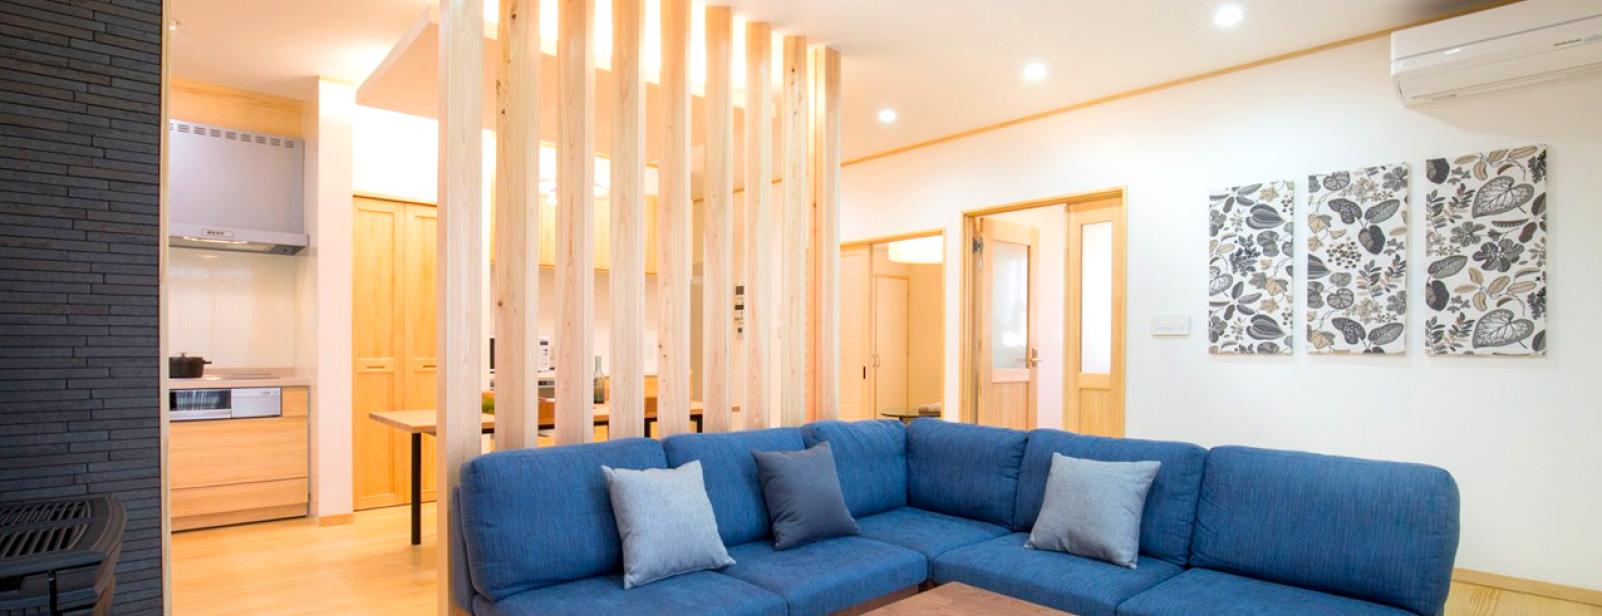 広島の新築・リフォーム・増改築「プレザーホーム」 年月と共に強さを増す 高品質のムク材